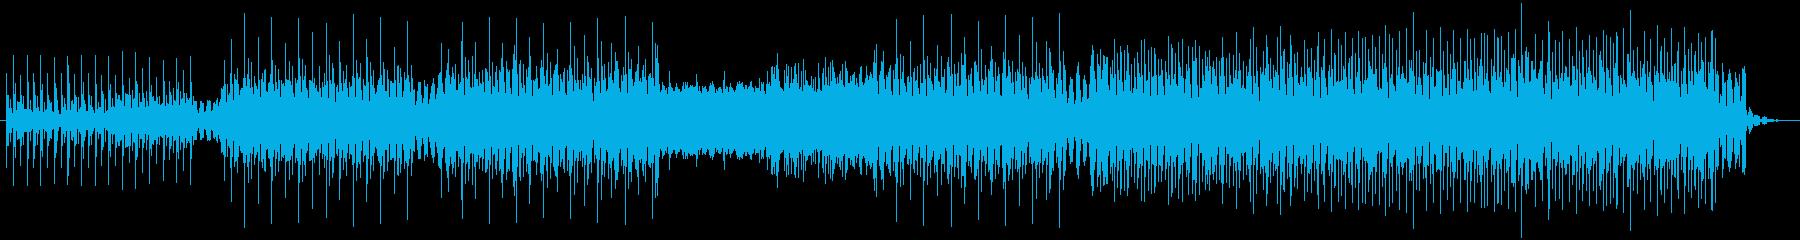 クールな4つ打ちハウス ループ系の再生済みの波形